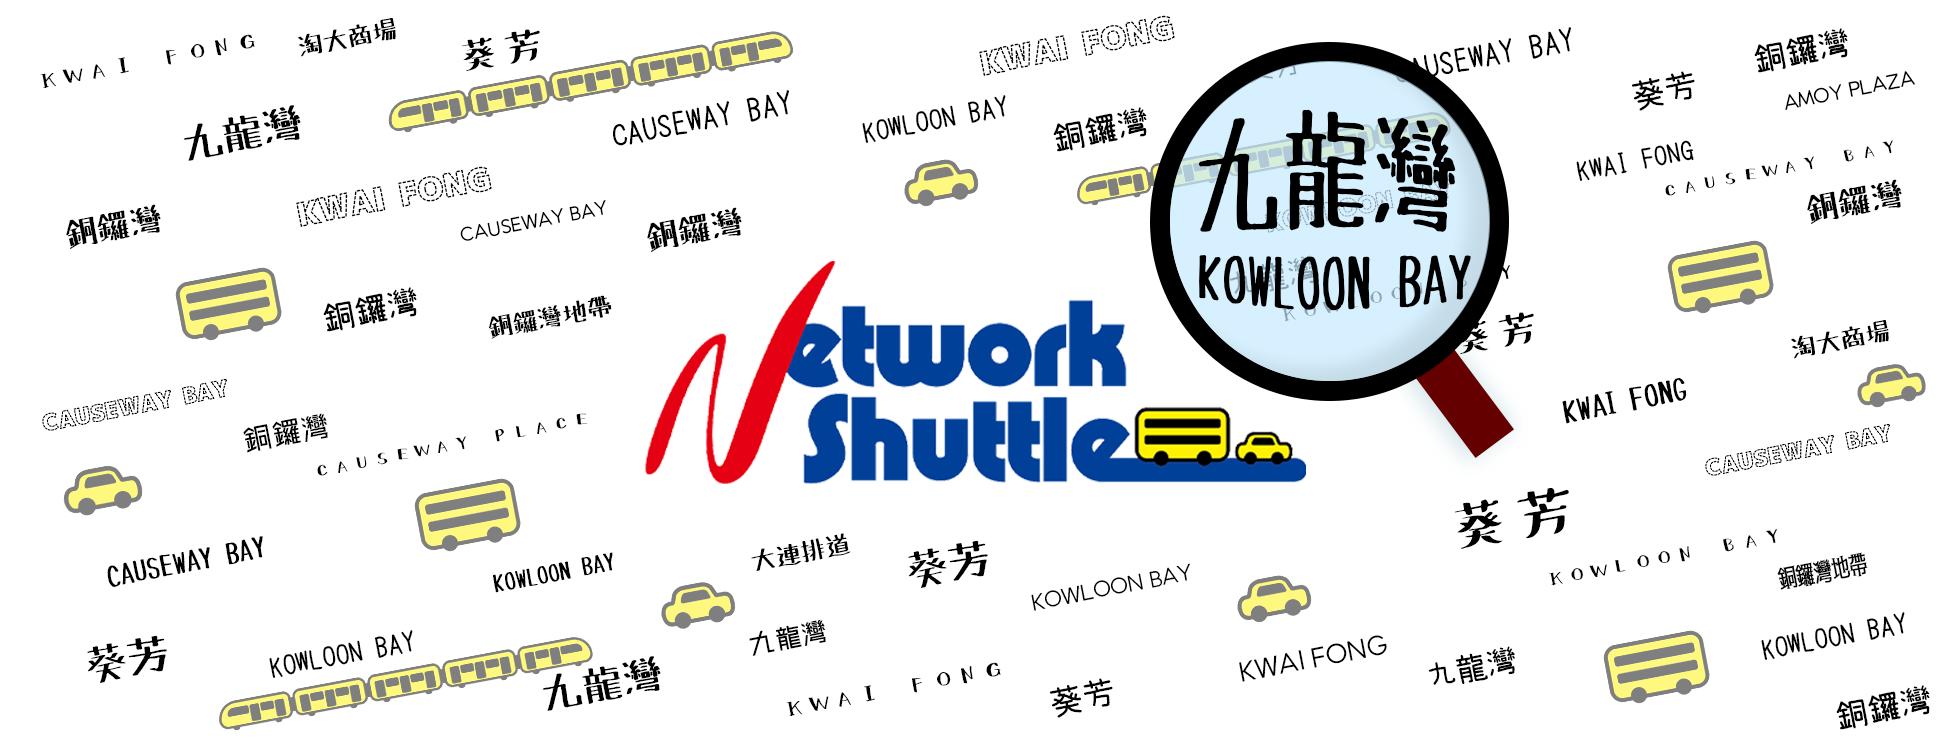 Network Shuttle Diecast Model